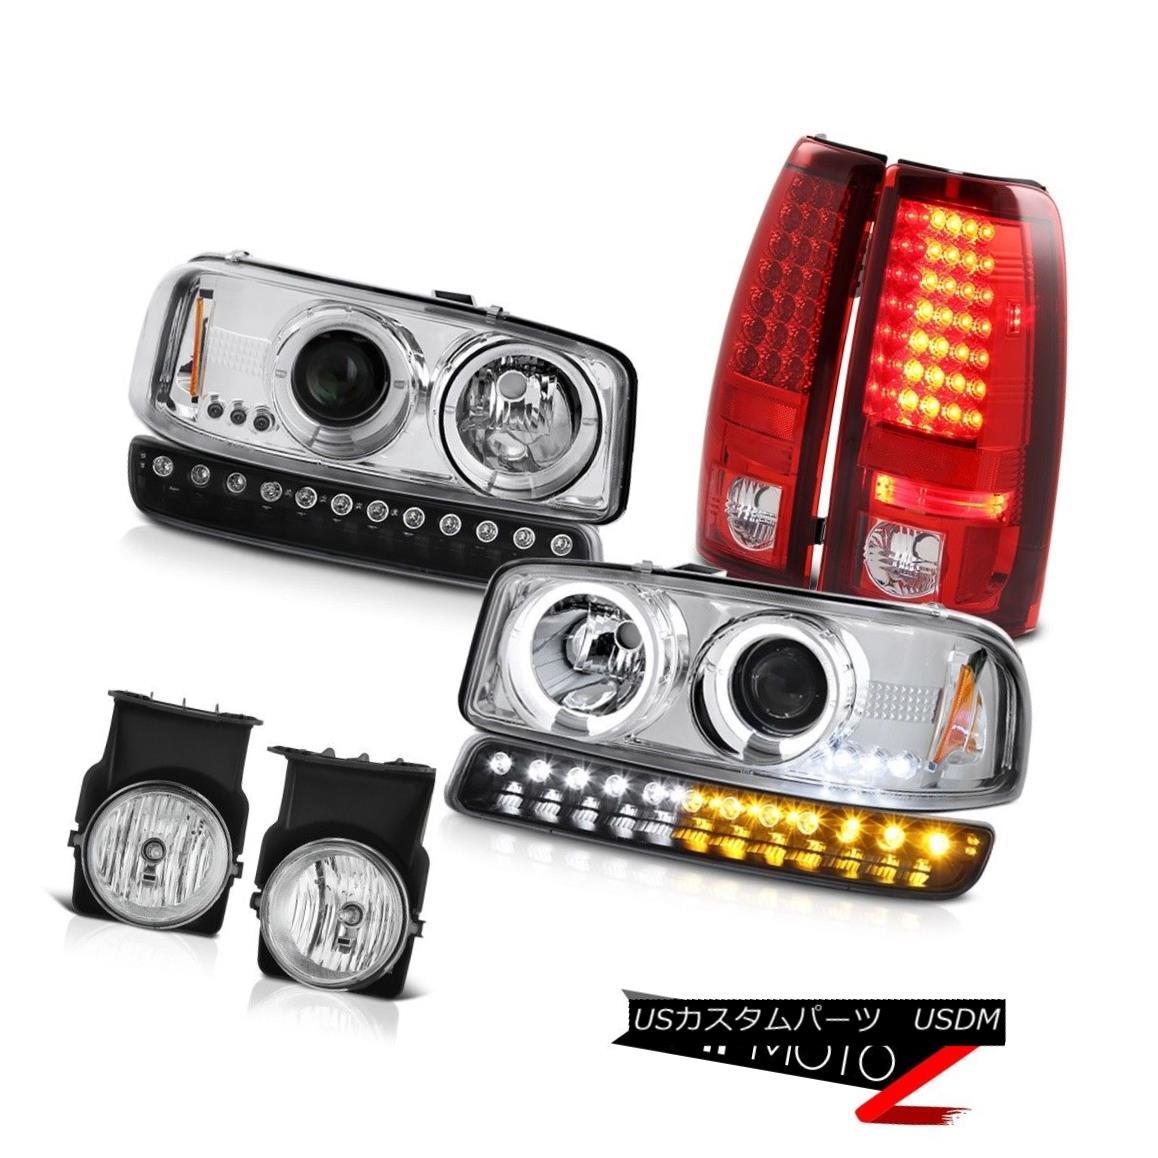 テールライト 03-06 Sierra 2500HD Chrome fog lights tail inky black signal lamp Headlamps SMD 03-06 Sierra 2500HDクロームフォグライトテールインキーブラックシグナルランプヘッドランプSMD